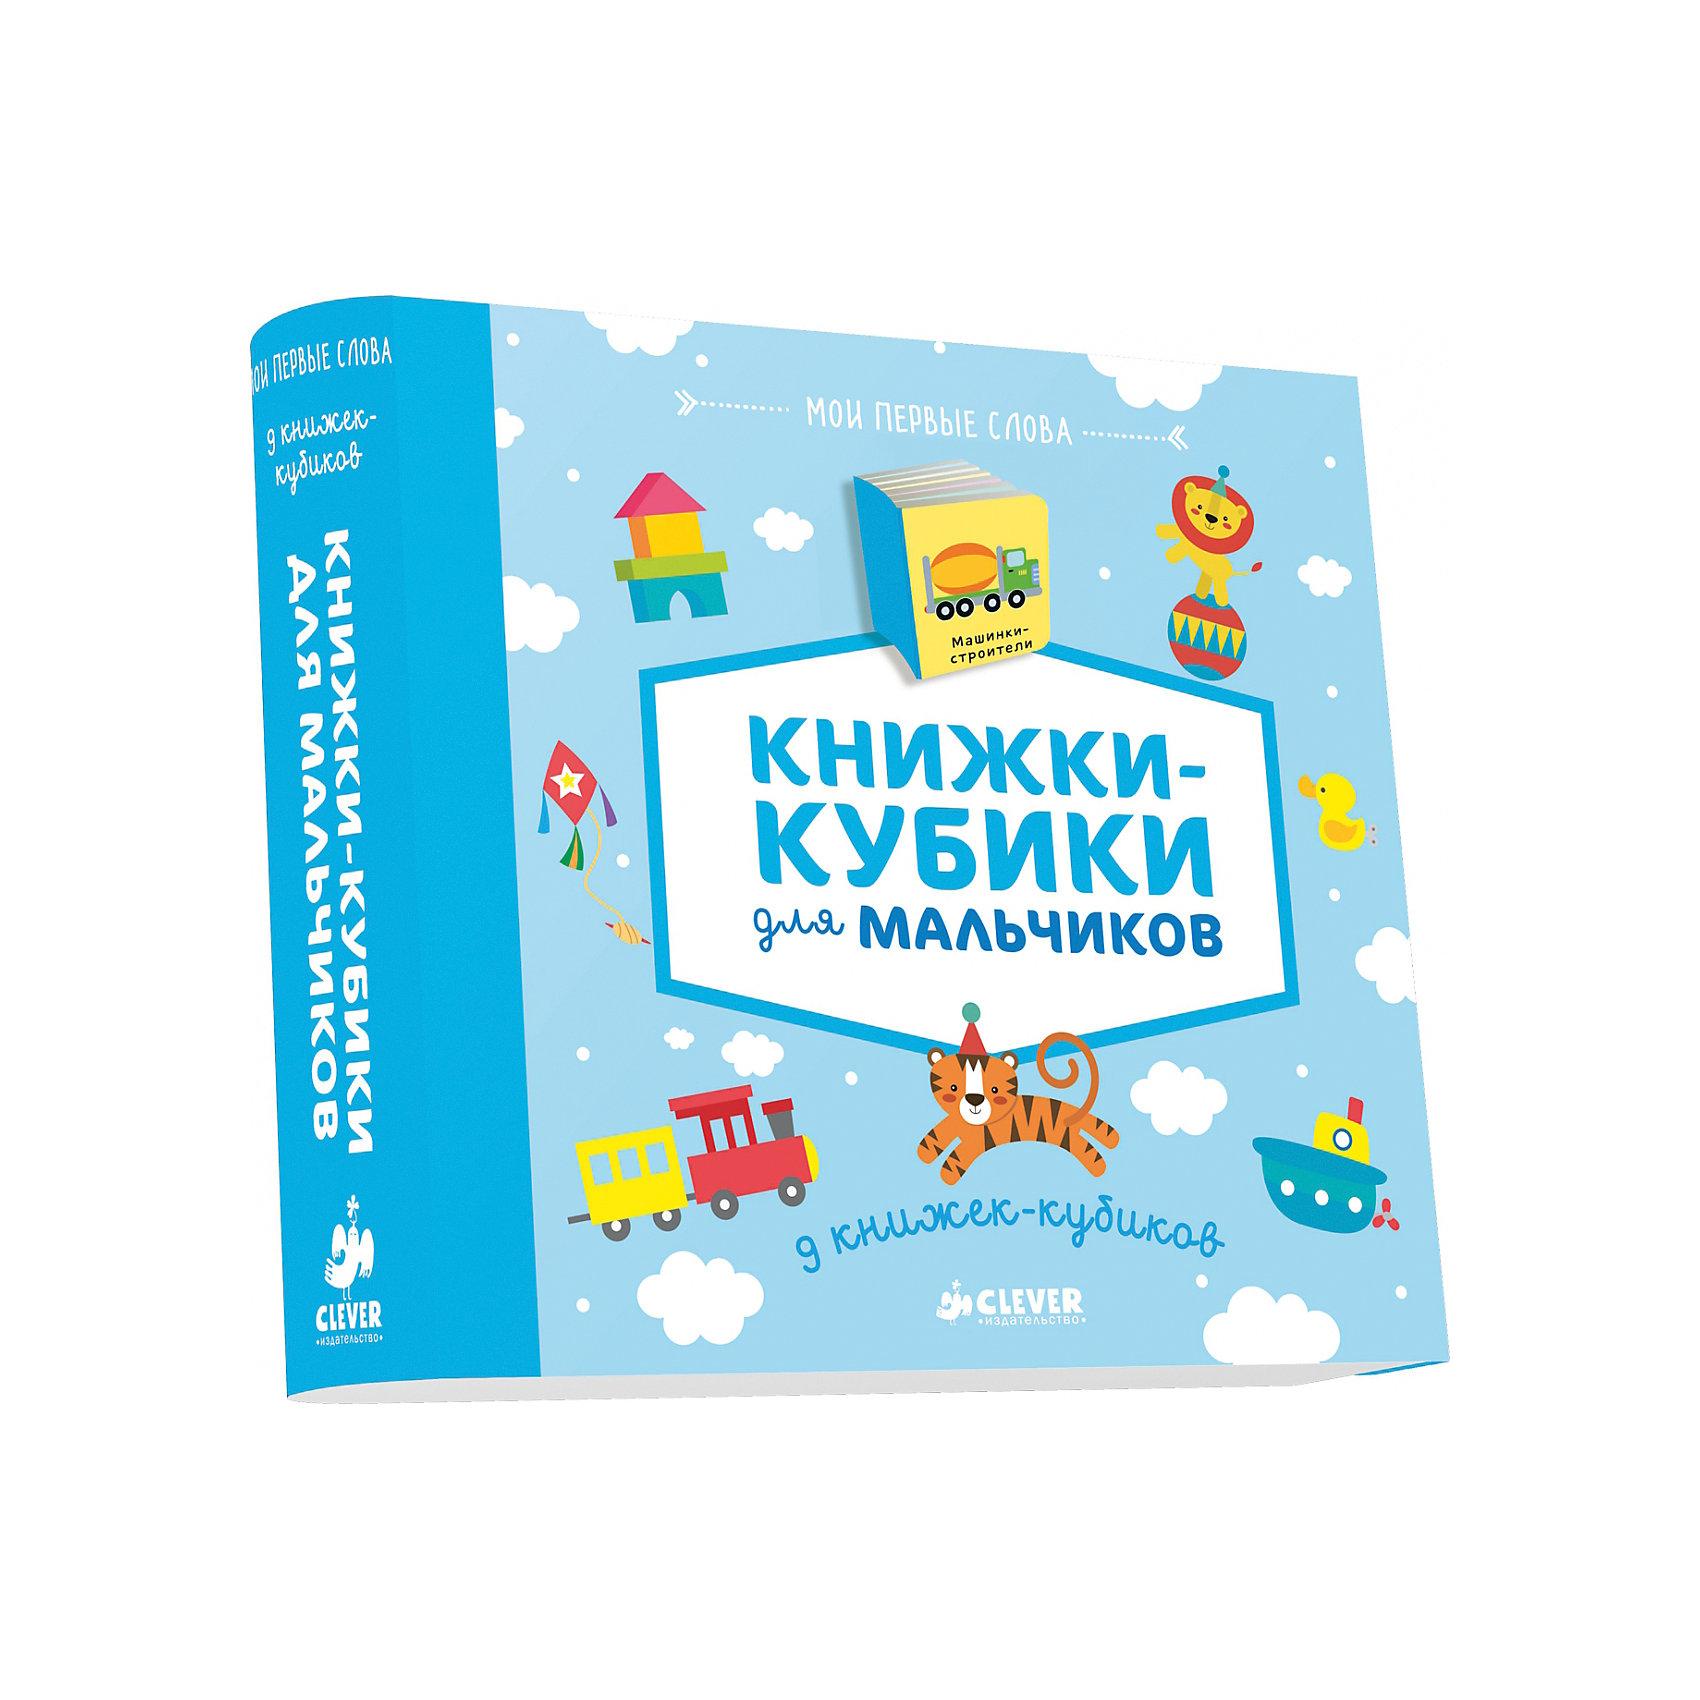 9 книжек-кубиков Книжки-кубики для мальчиков, Мои первые словаЯркие и красивые книжки-кубики из этой коробки помогут малышу освоить самые важные базовые понятия, познакомят с новыми словами, а также стимулируют развитие его мышления.<br><br>Ширина мм: 160<br>Глубина мм: 180<br>Высота мм: 30<br>Вес г: 553<br>Возраст от месяцев: 0<br>Возраст до месяцев: 36<br>Пол: Мужской<br>Возраст: Детский<br>SKU: 5377800